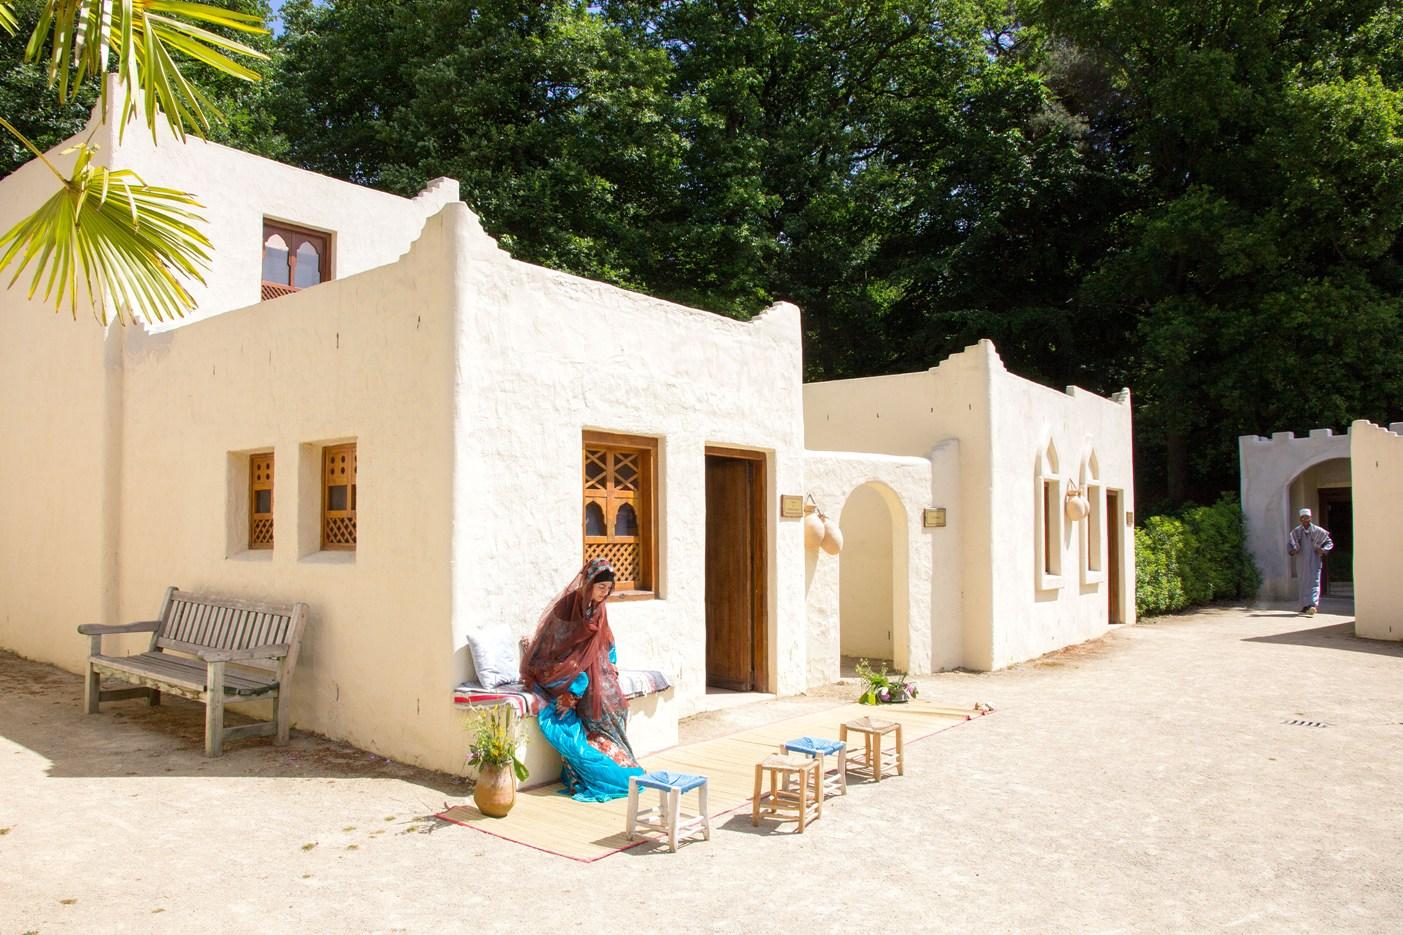 Wit gepleisterde vierkanten huisjes zonder de voor Nederland bekenden puntdaken. Voor een van de huizen zit een gesluierde vrouw bij een aantal krukjes met kleurige kussentjes